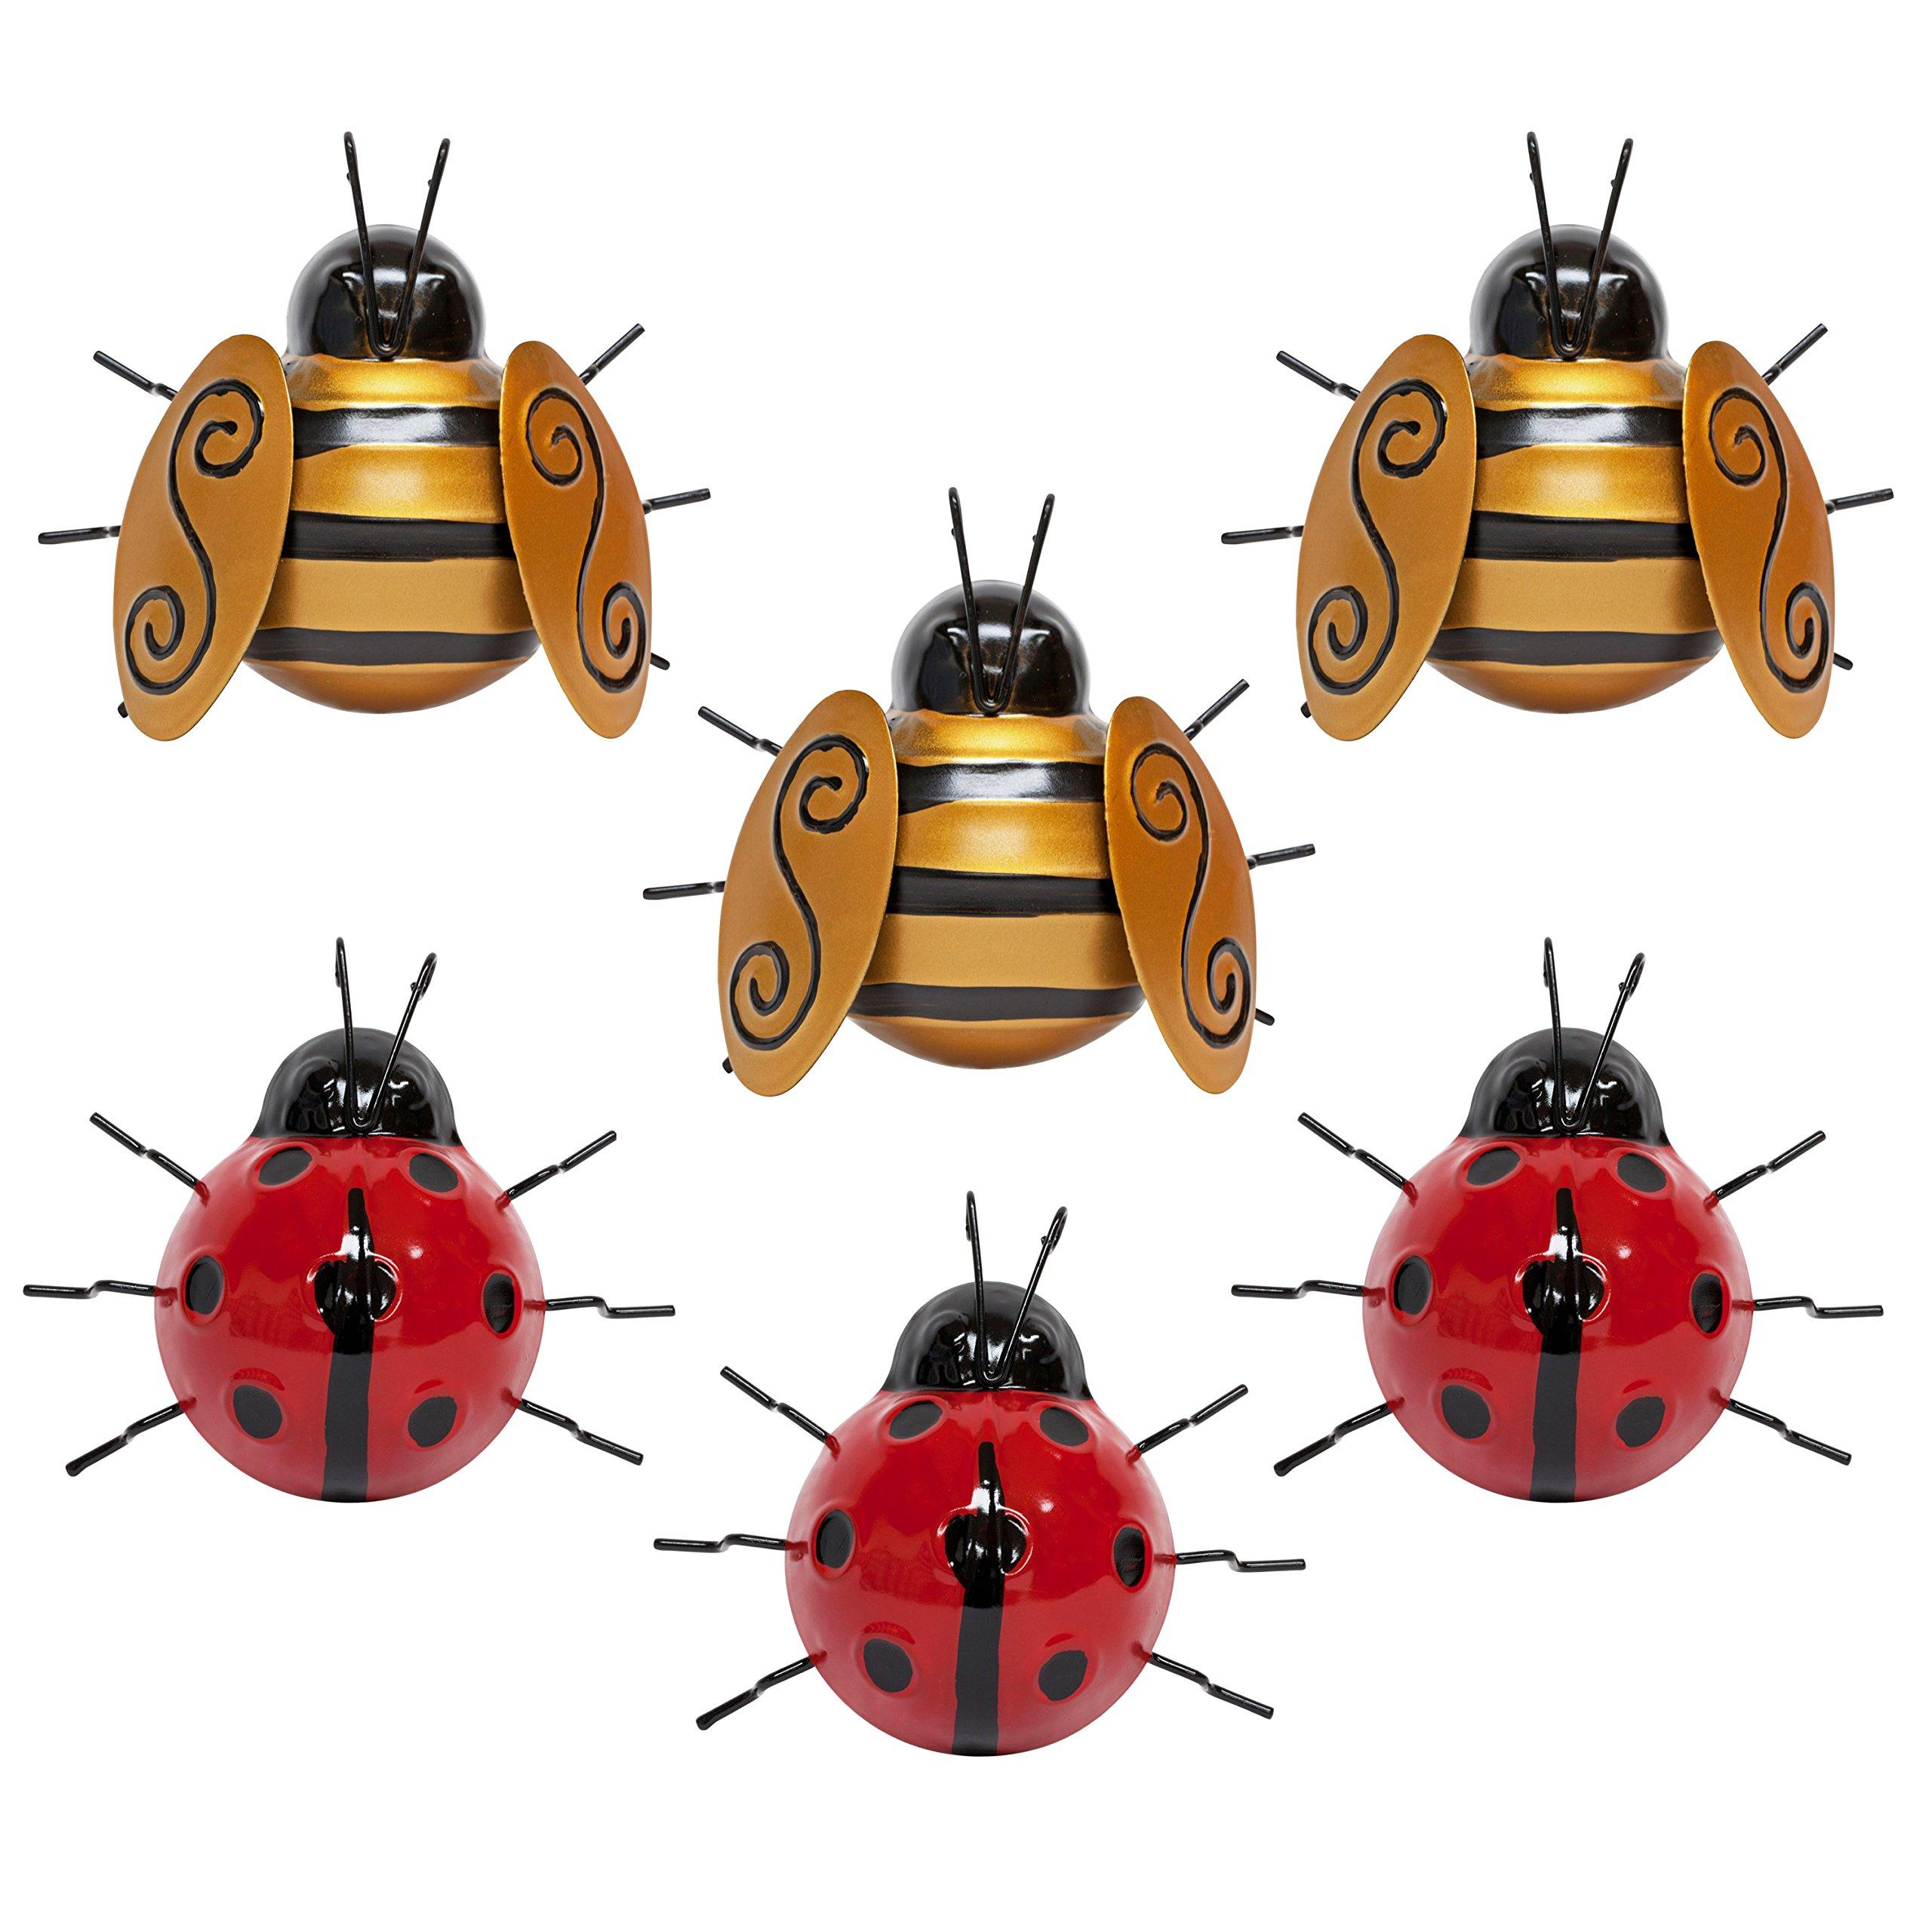 Juego de 6 adornos de metal para pared de jardín con diseño de mariquita y abeja: Amazon.es: Jardín